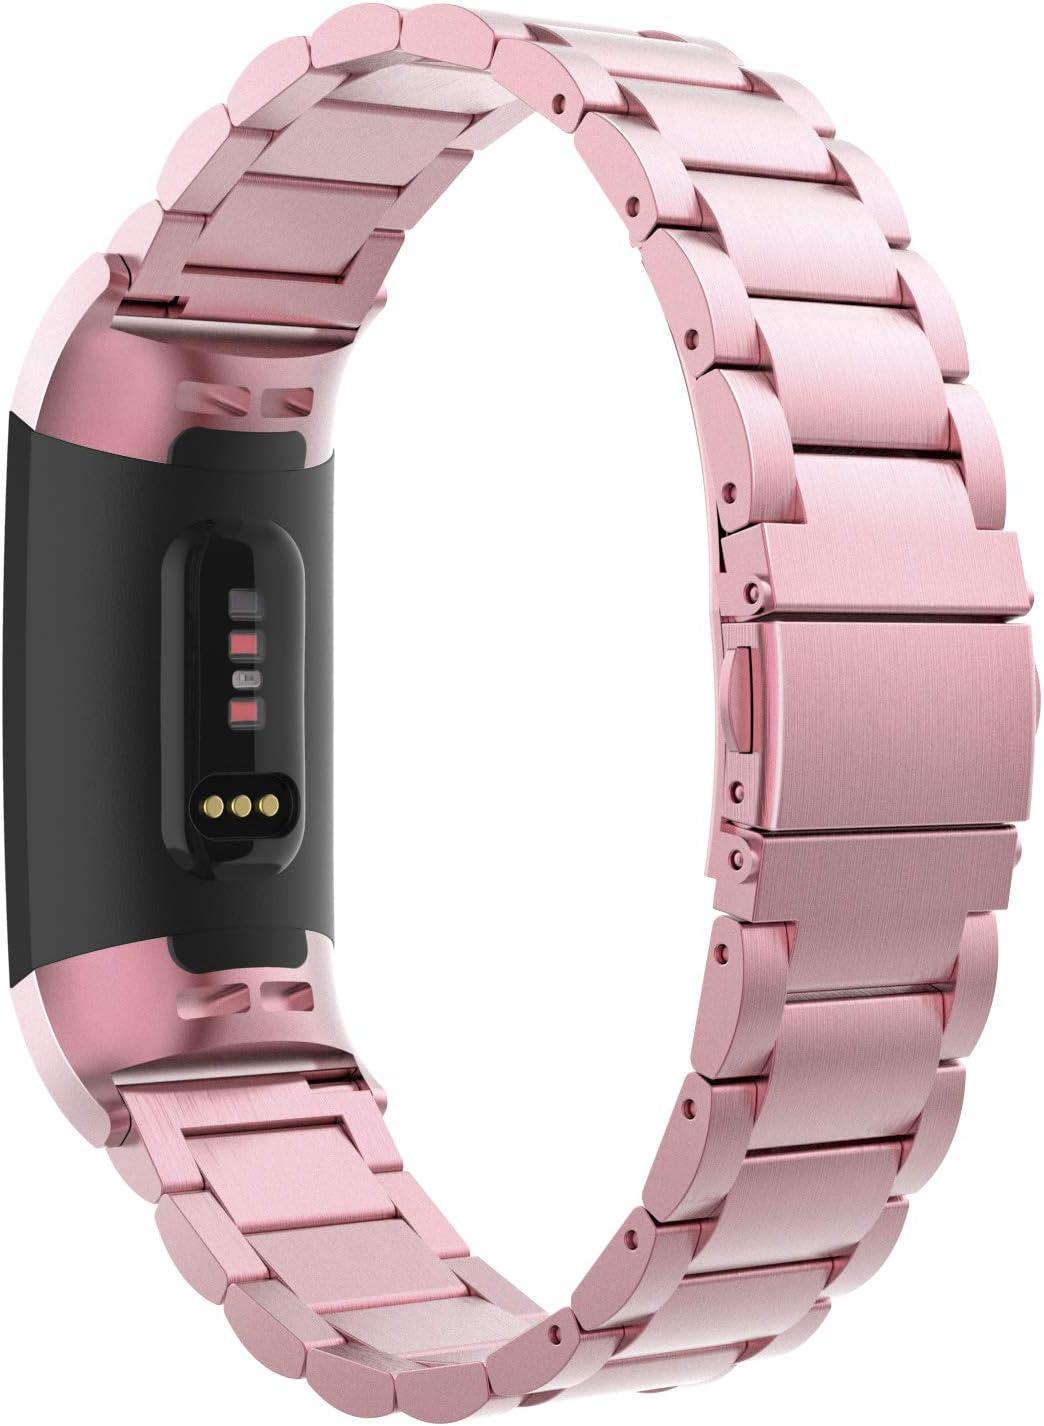 MoKo Compatible con Fitbit Charge 3/Charge 4 Reloj Correa, Pulsera del Metal del Acero Inoxidable, Reemplazable con Doble Botones Plegable - Rosa Rosa